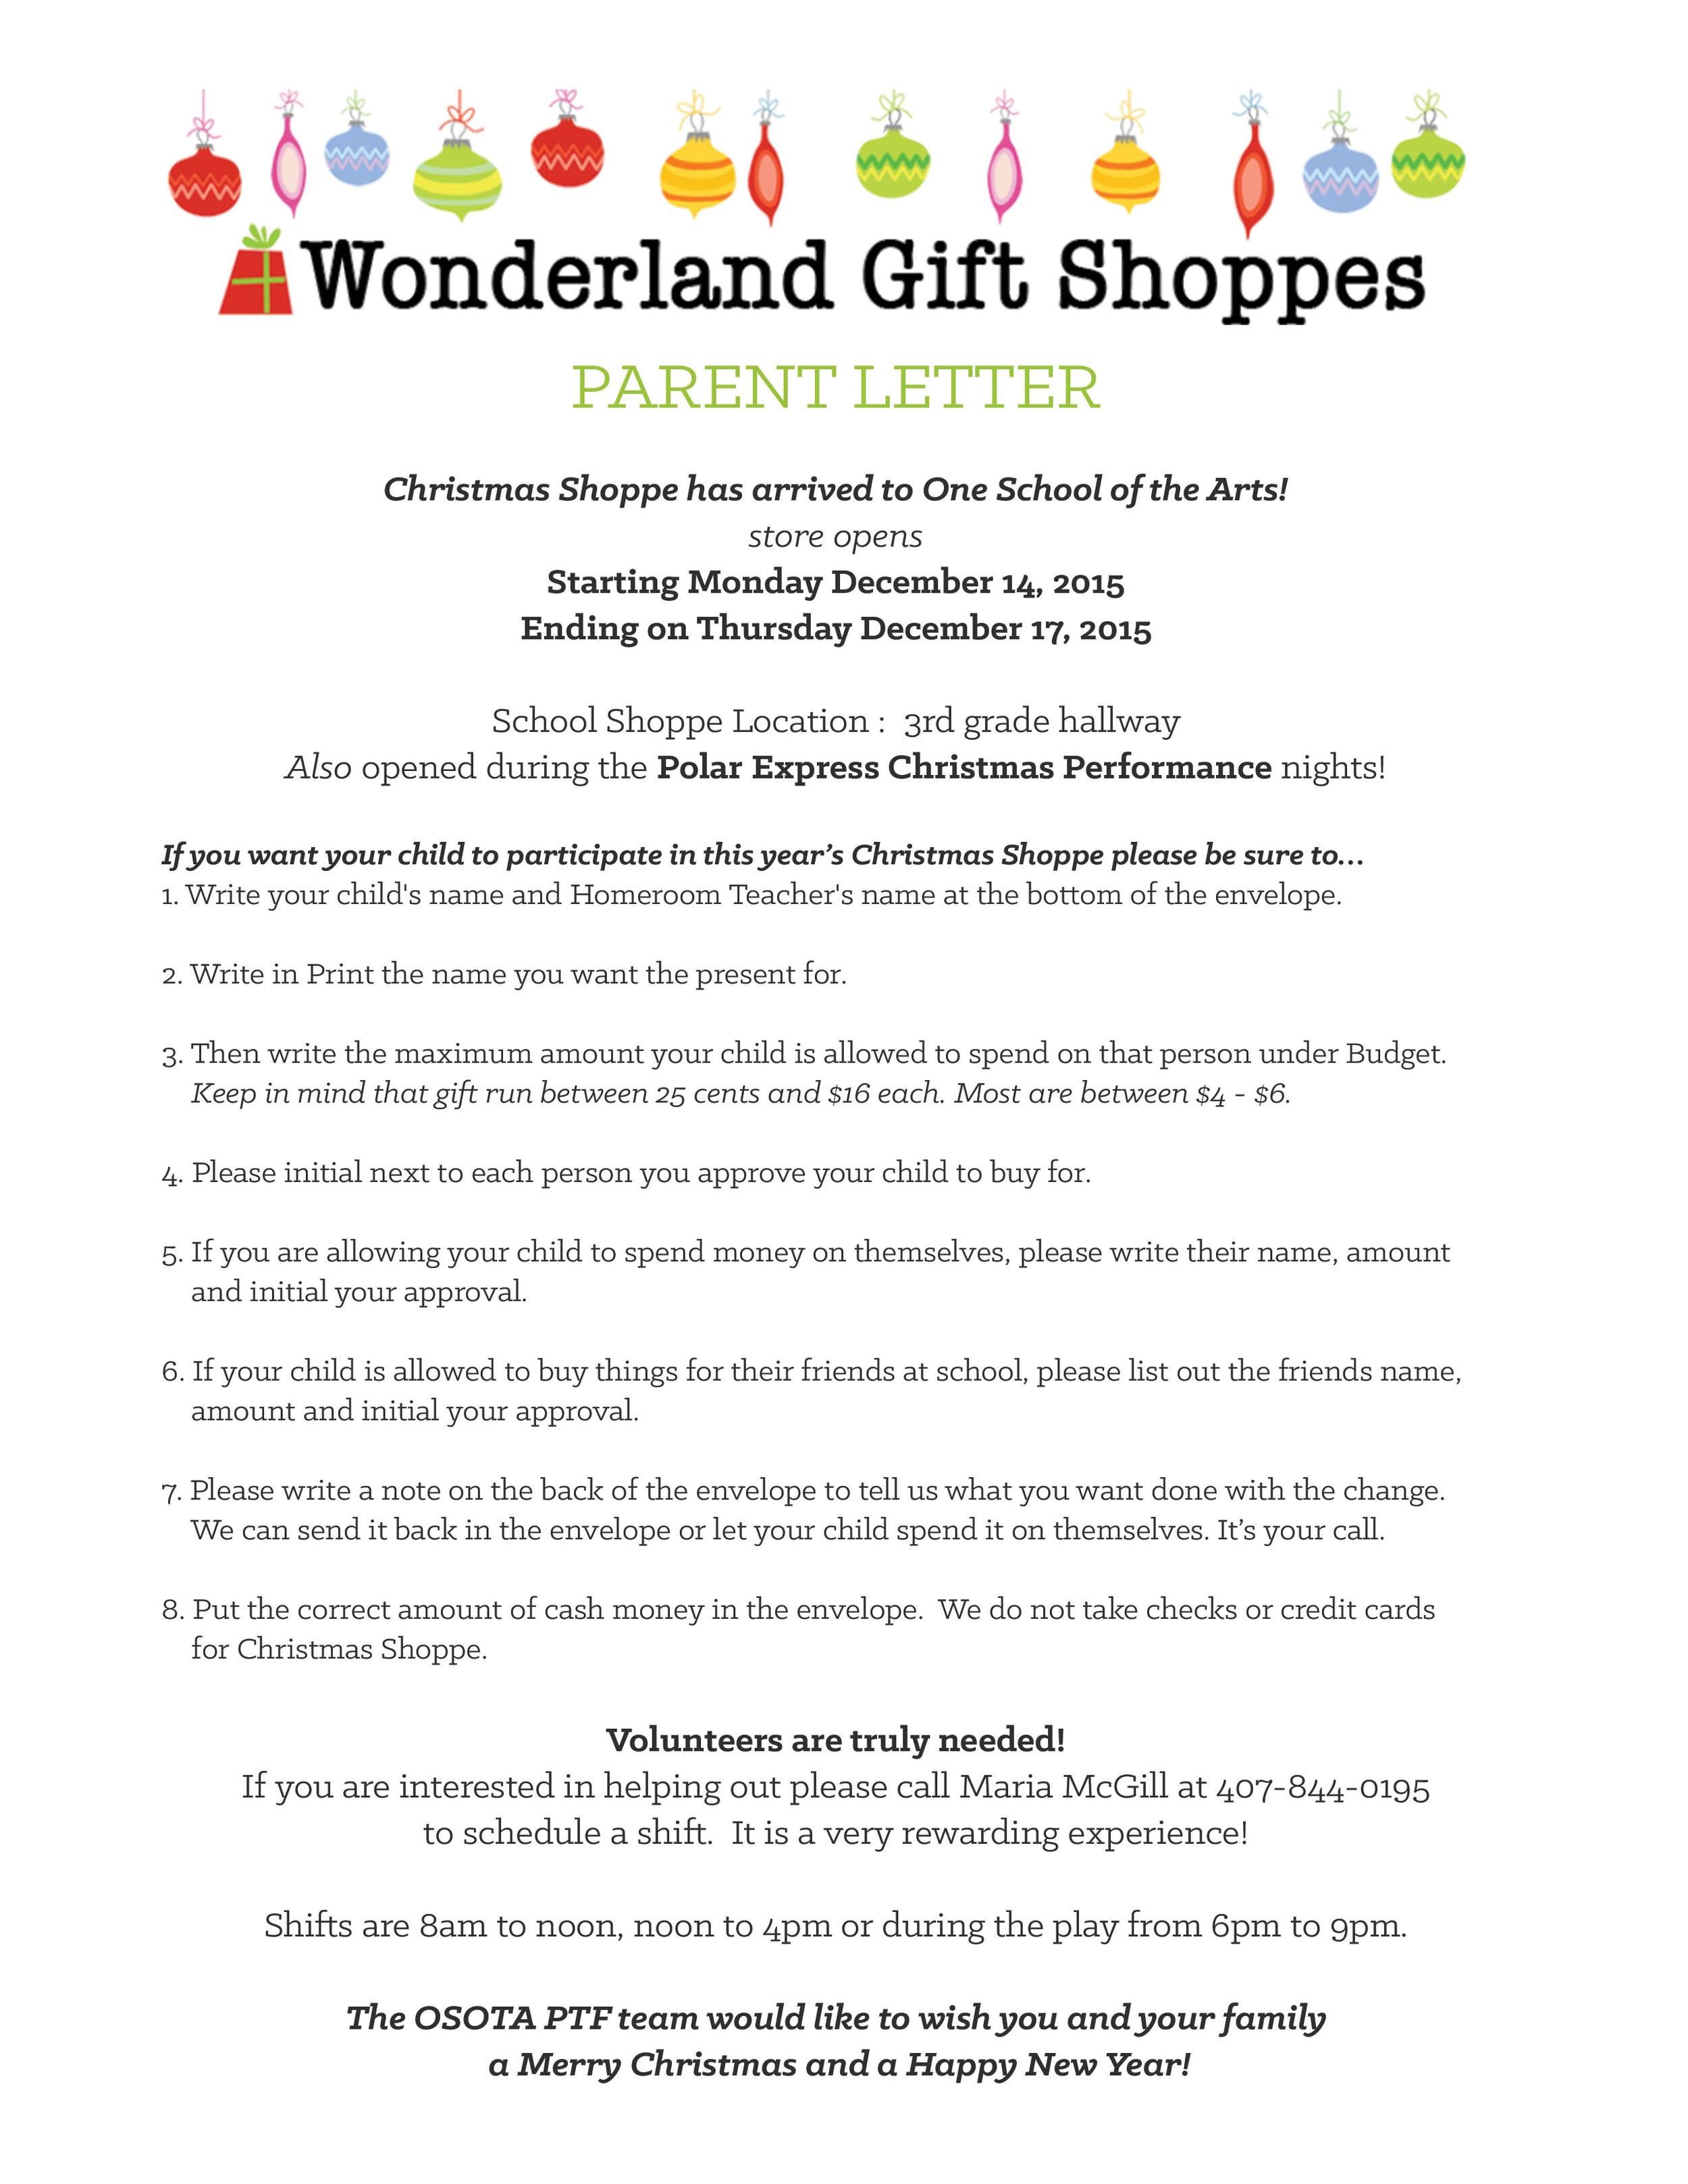 Christmas Shoppe Parent Letter.jpg